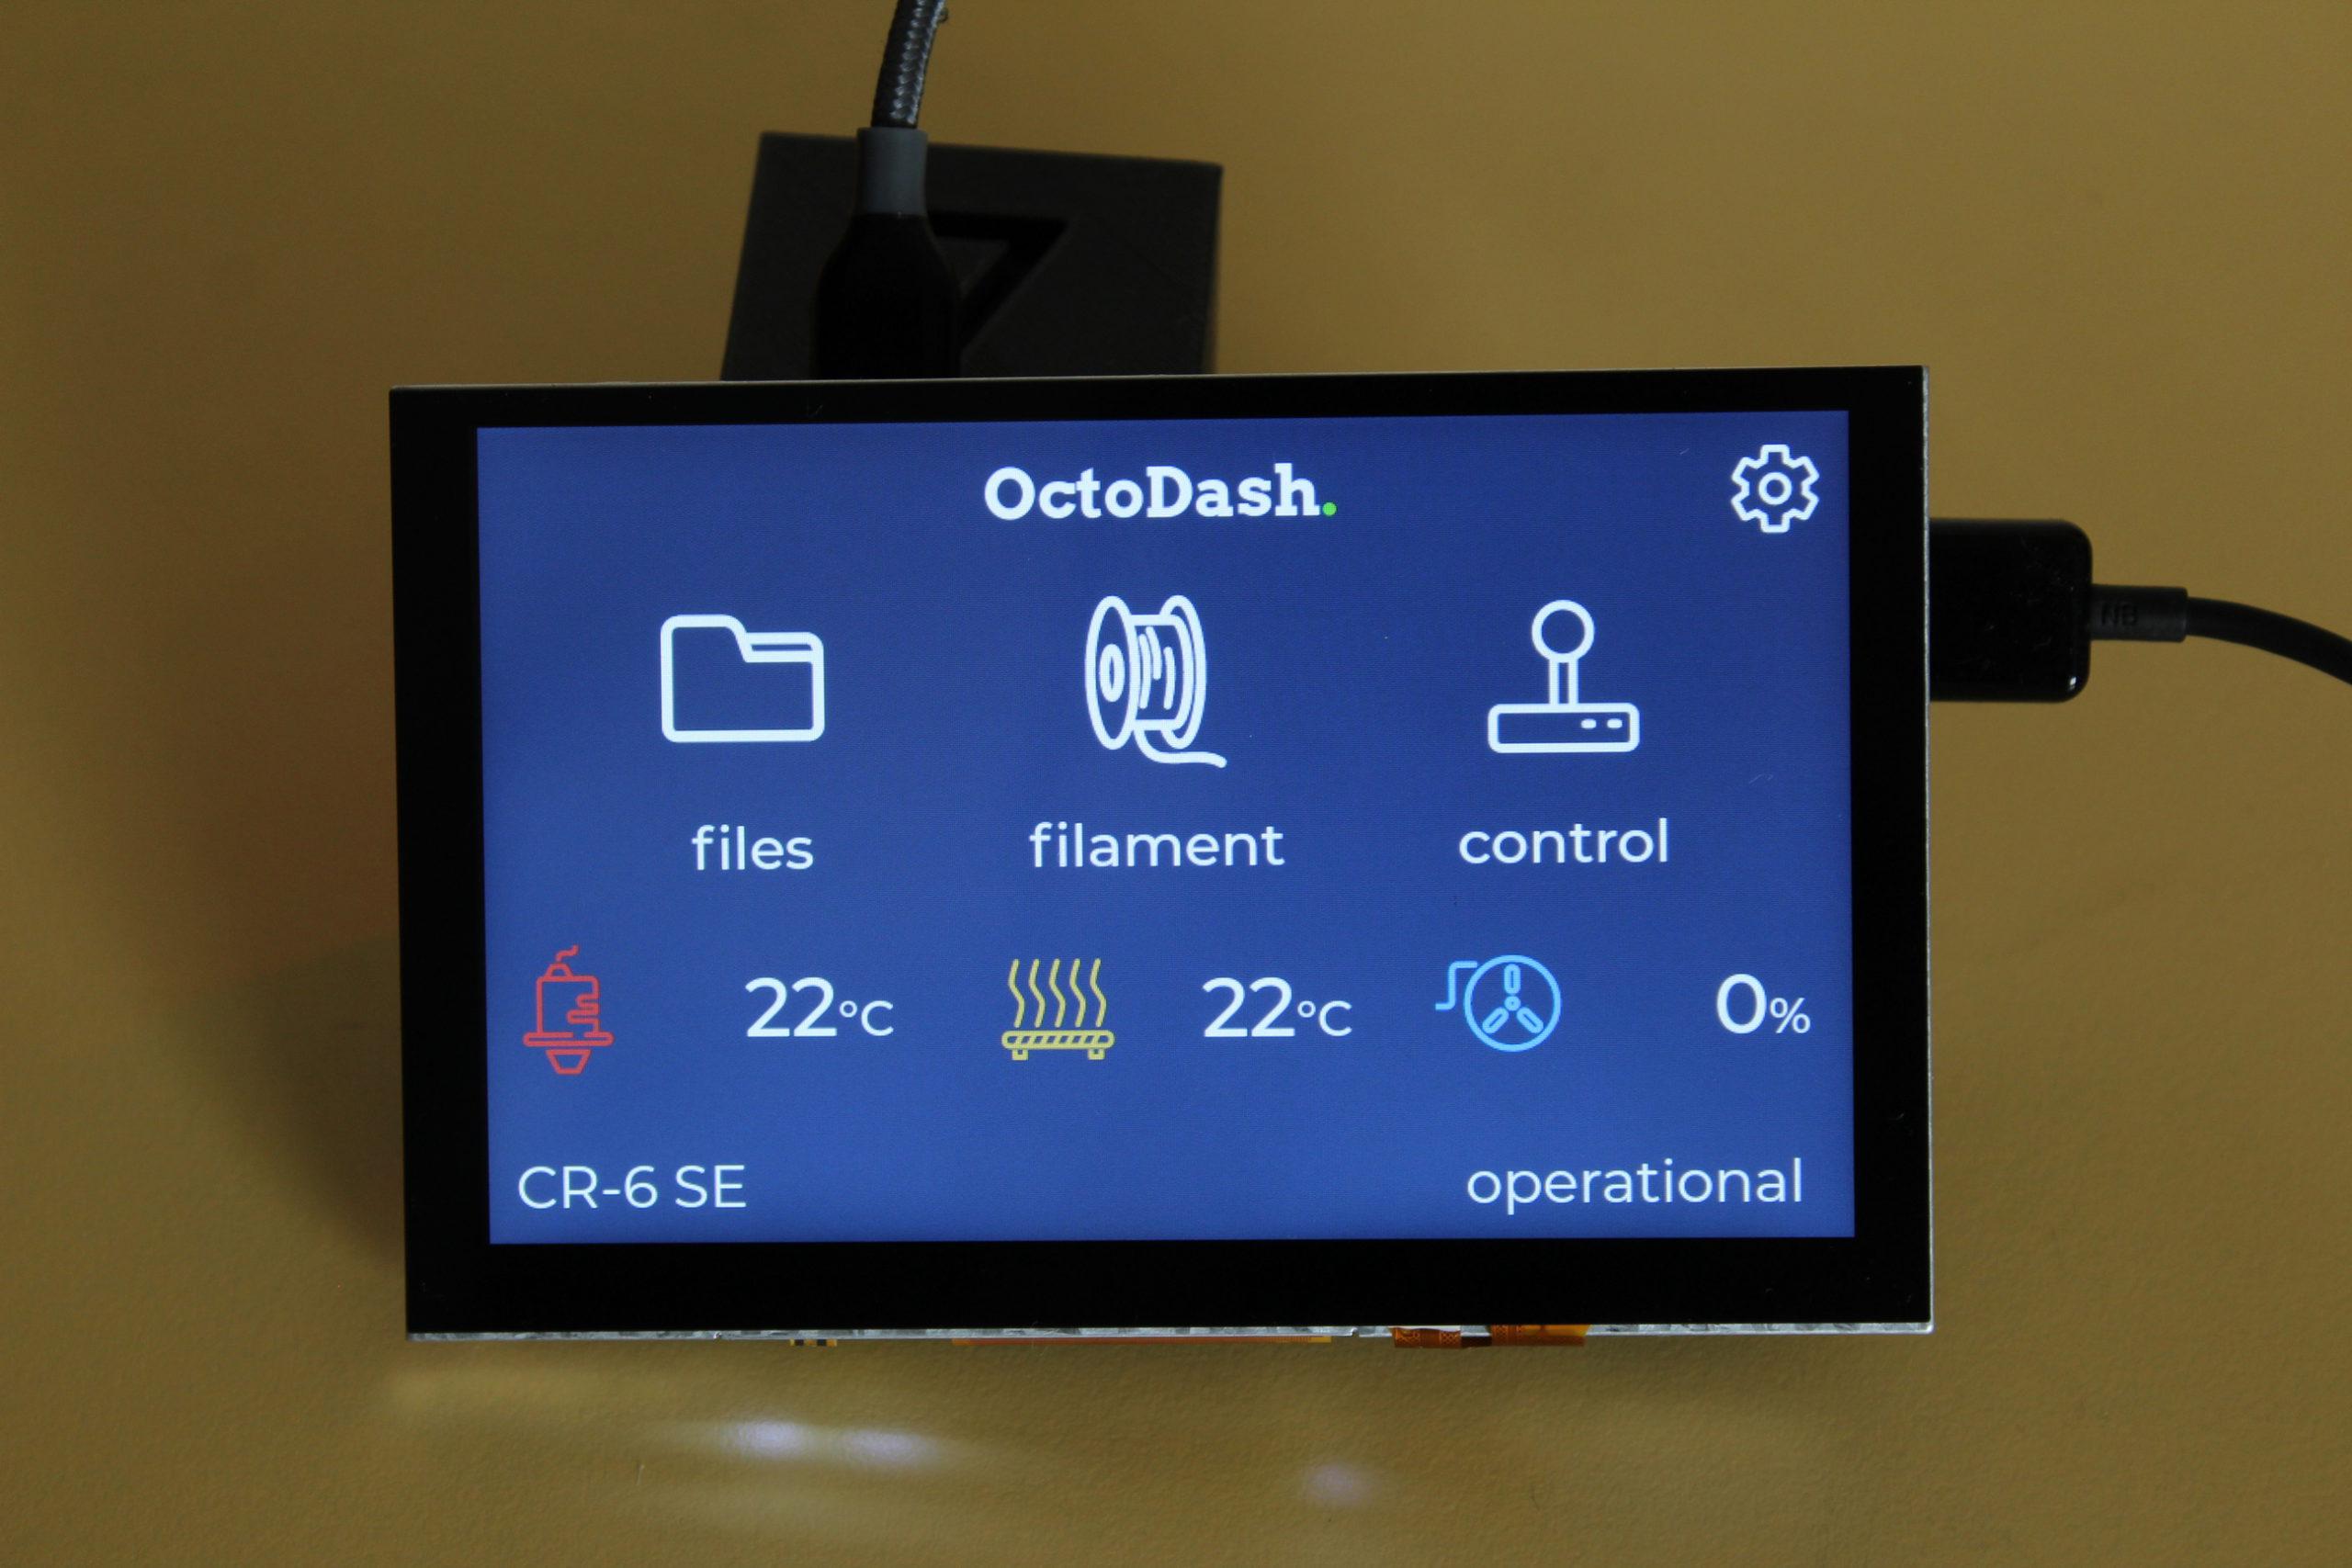 OctoDash-Homescreen-Interface